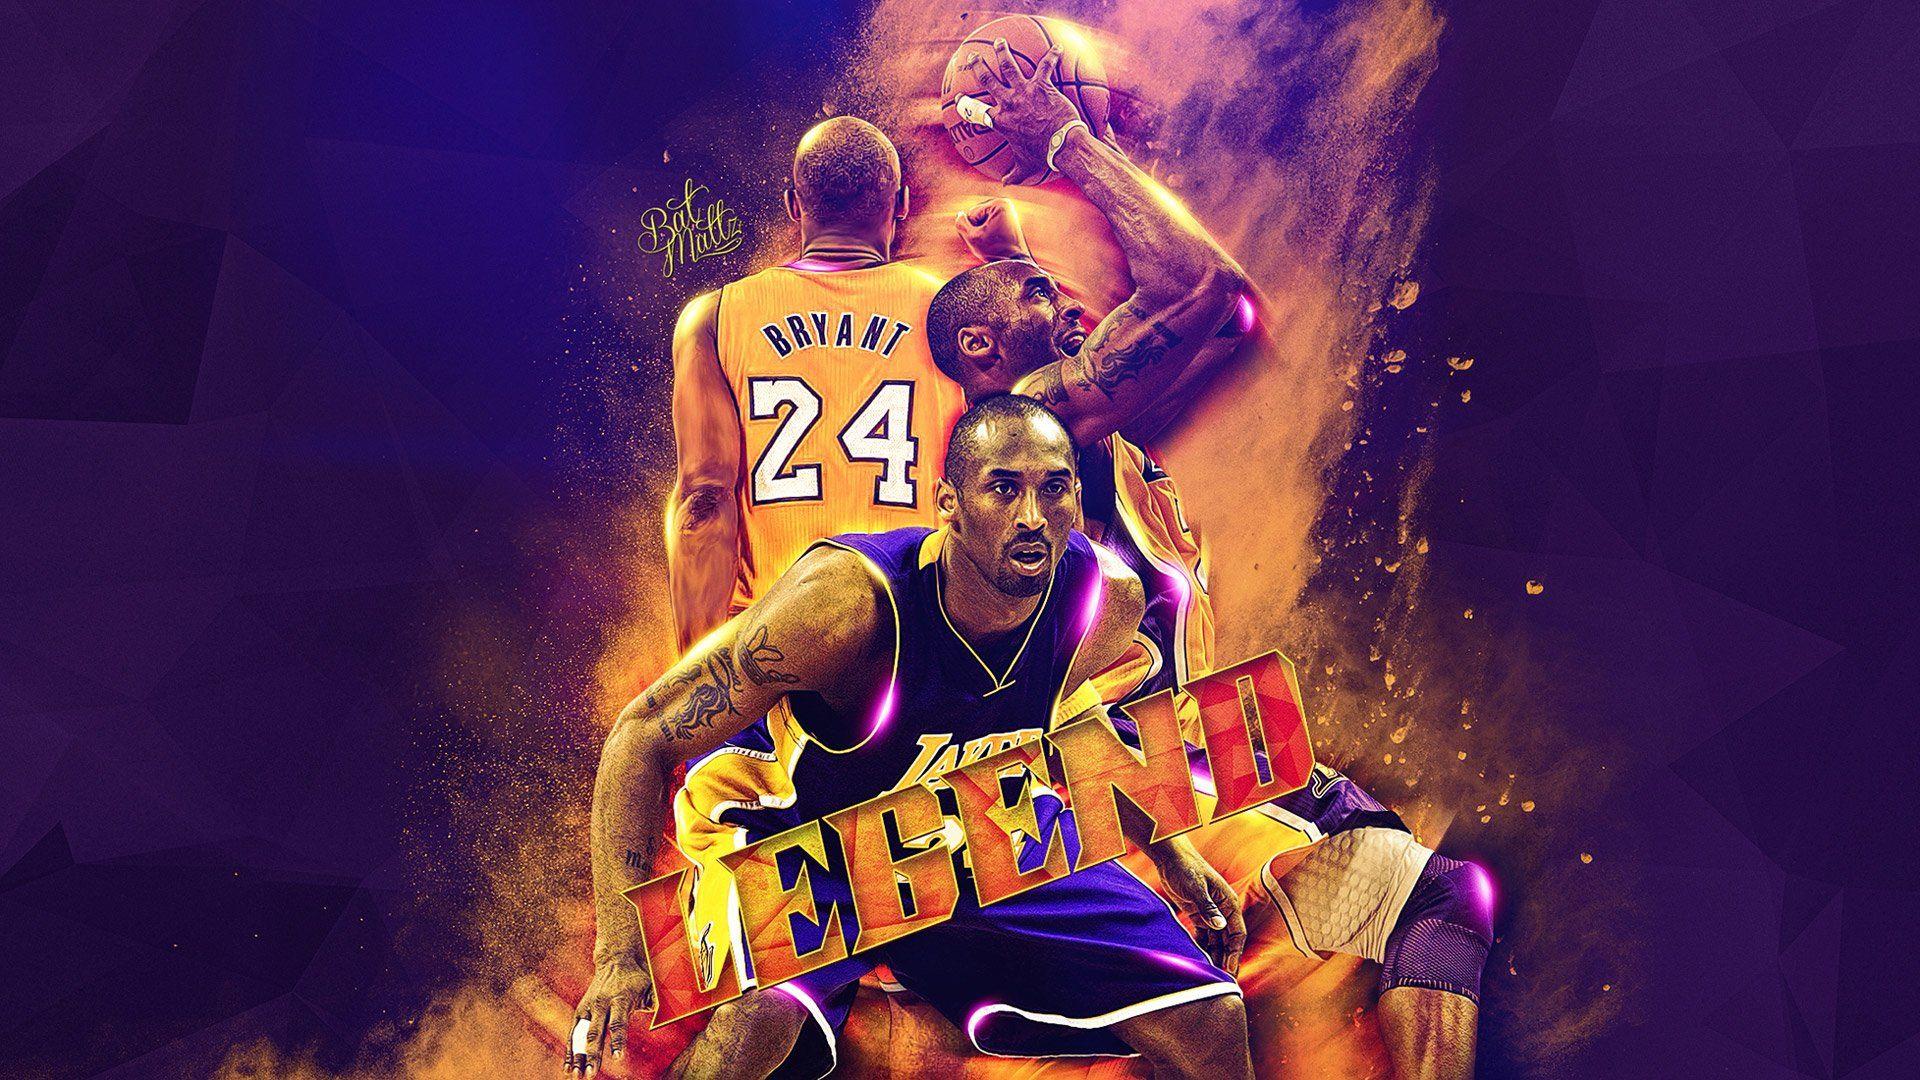 Kentucky Basketball wallpaper pc